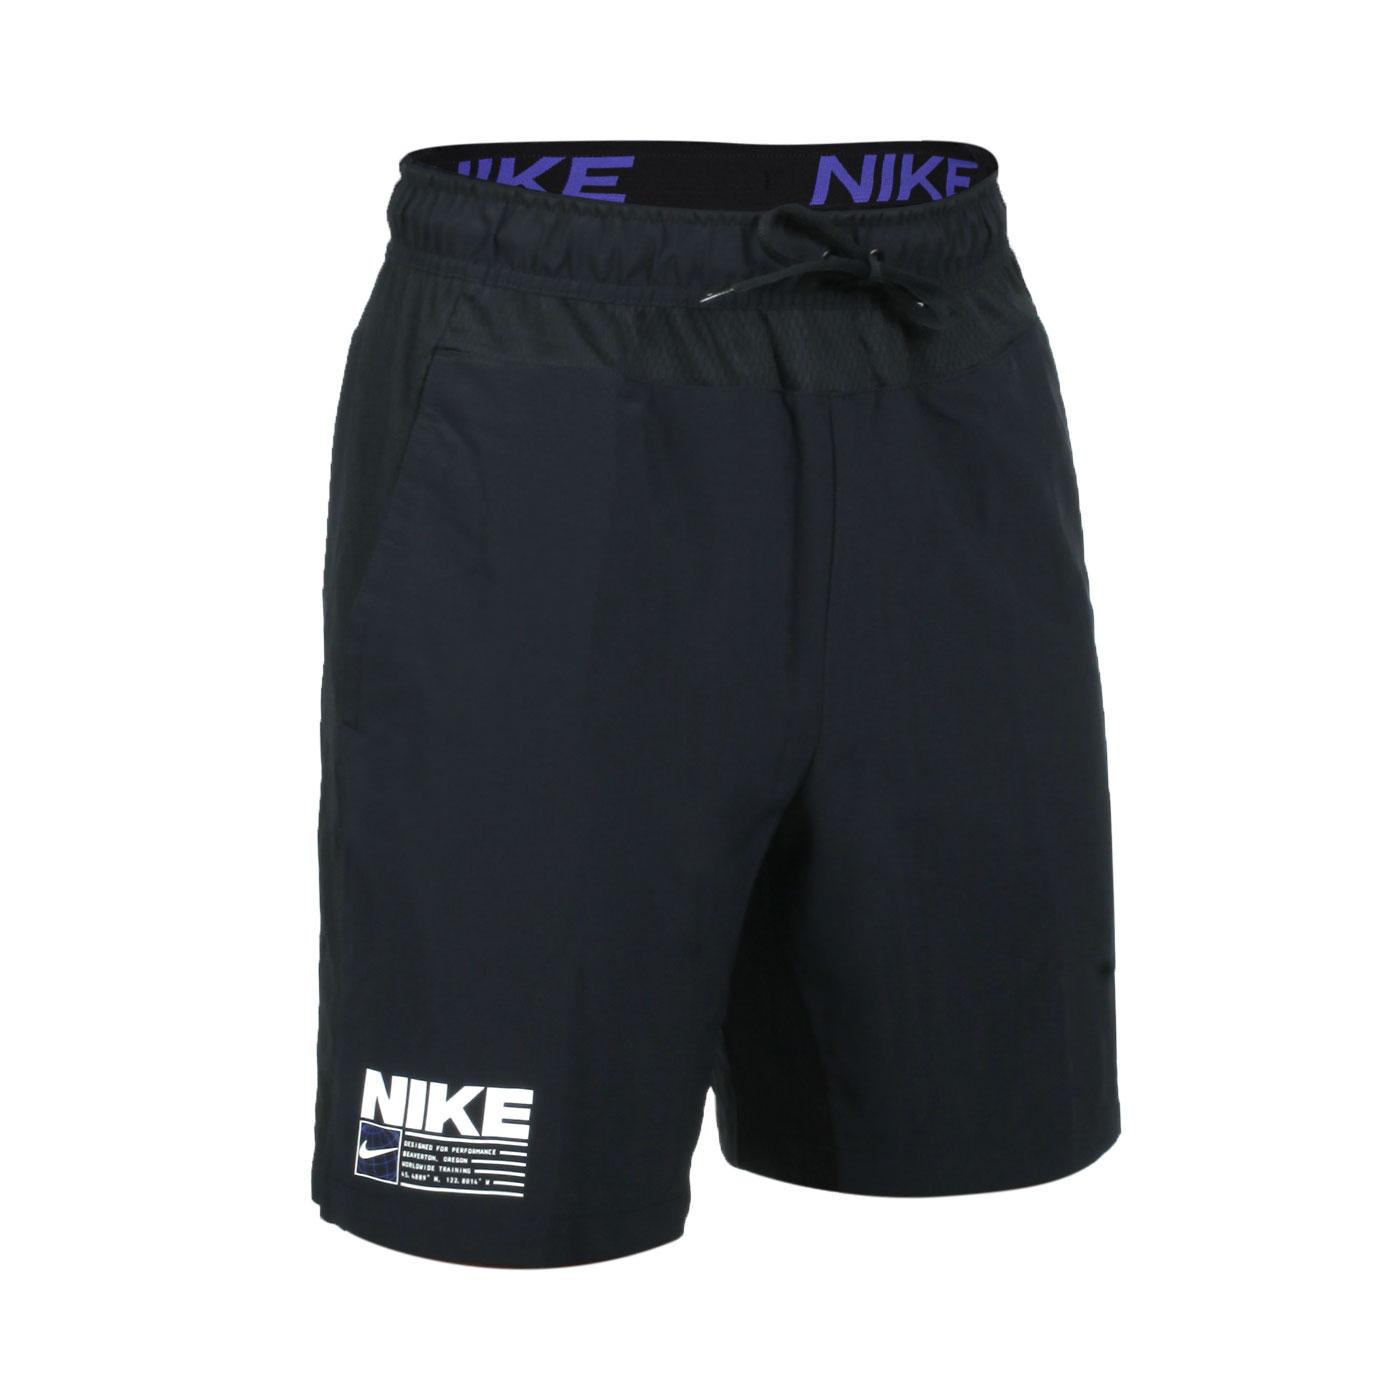 NIKE 男款訓練短褲 CZ2577-010 - 黑白